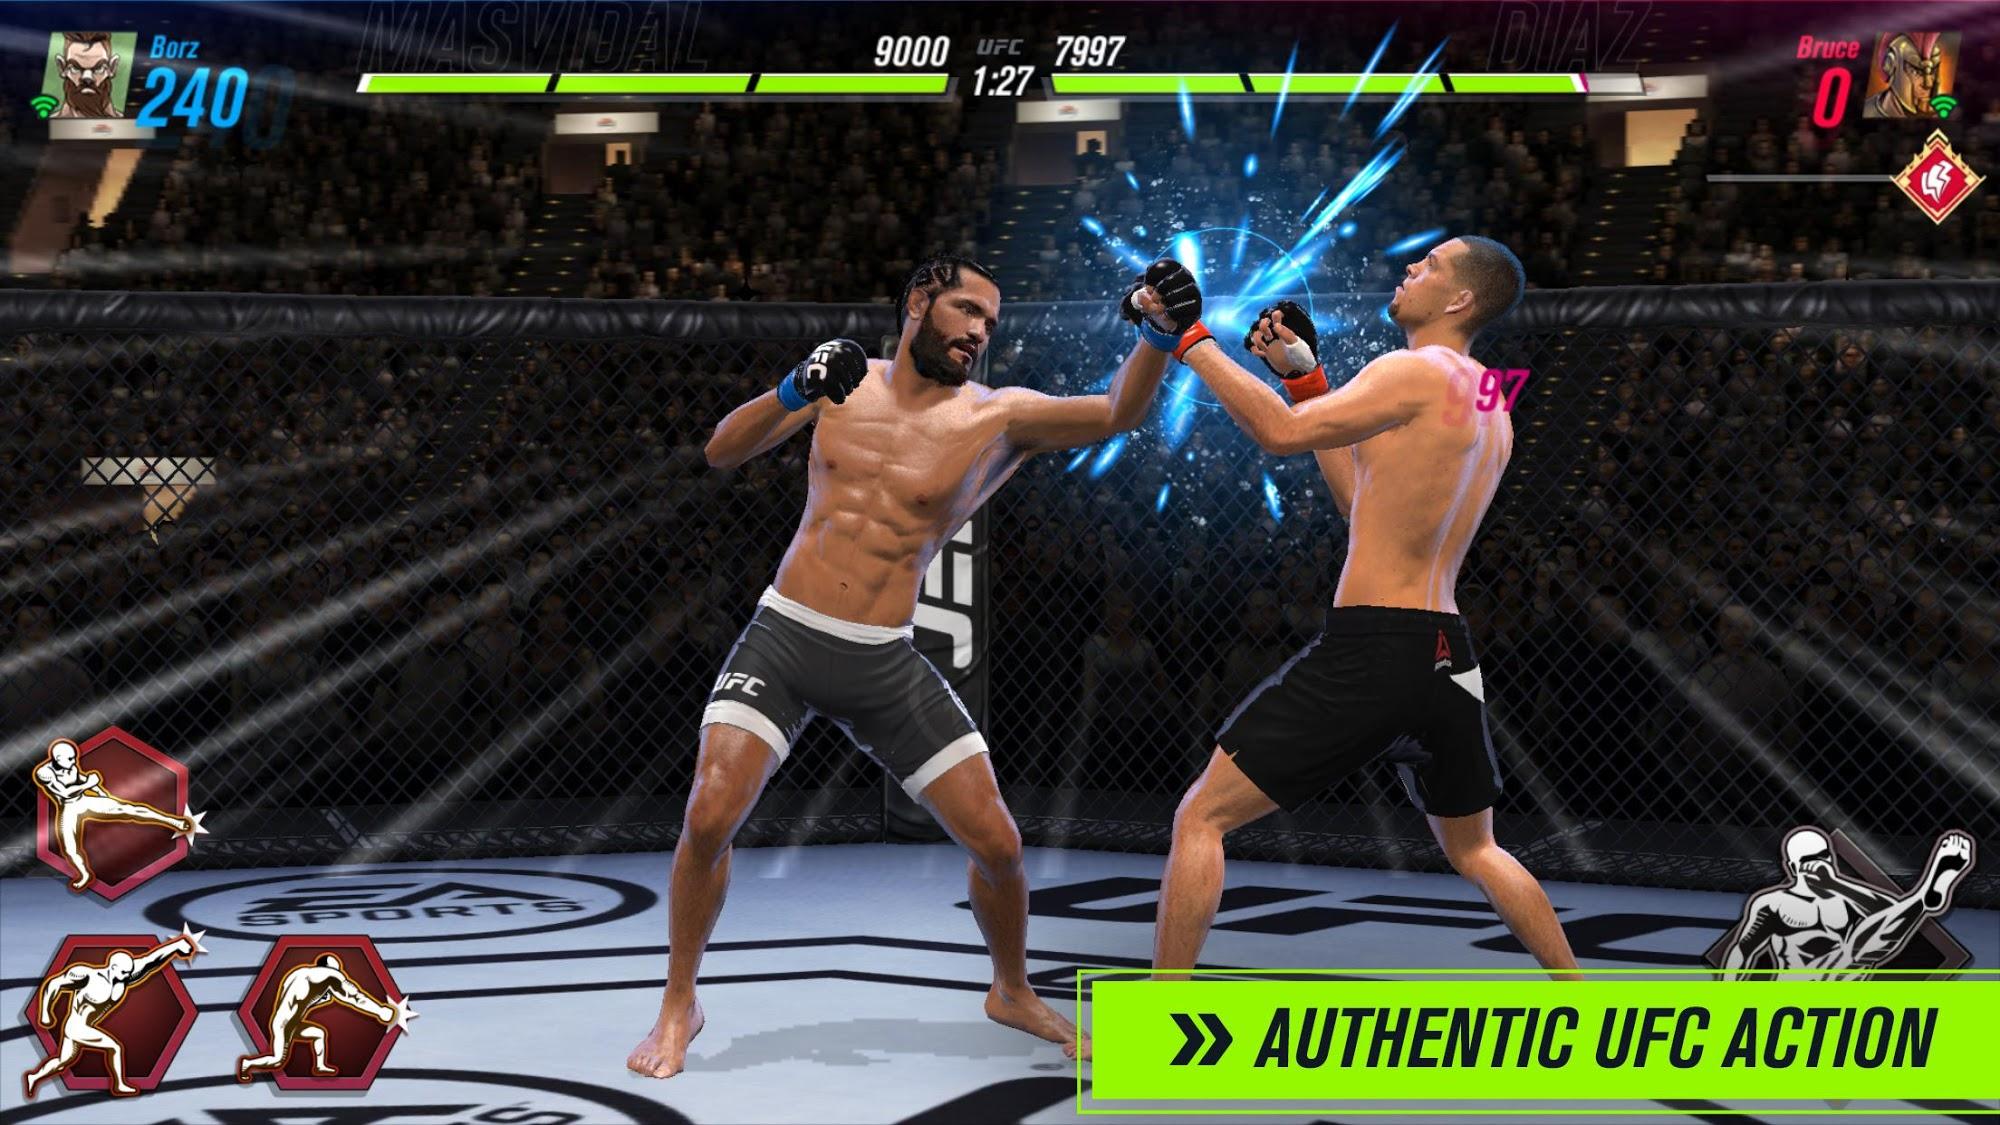 UFC 2 Mobile スクリーンショット1